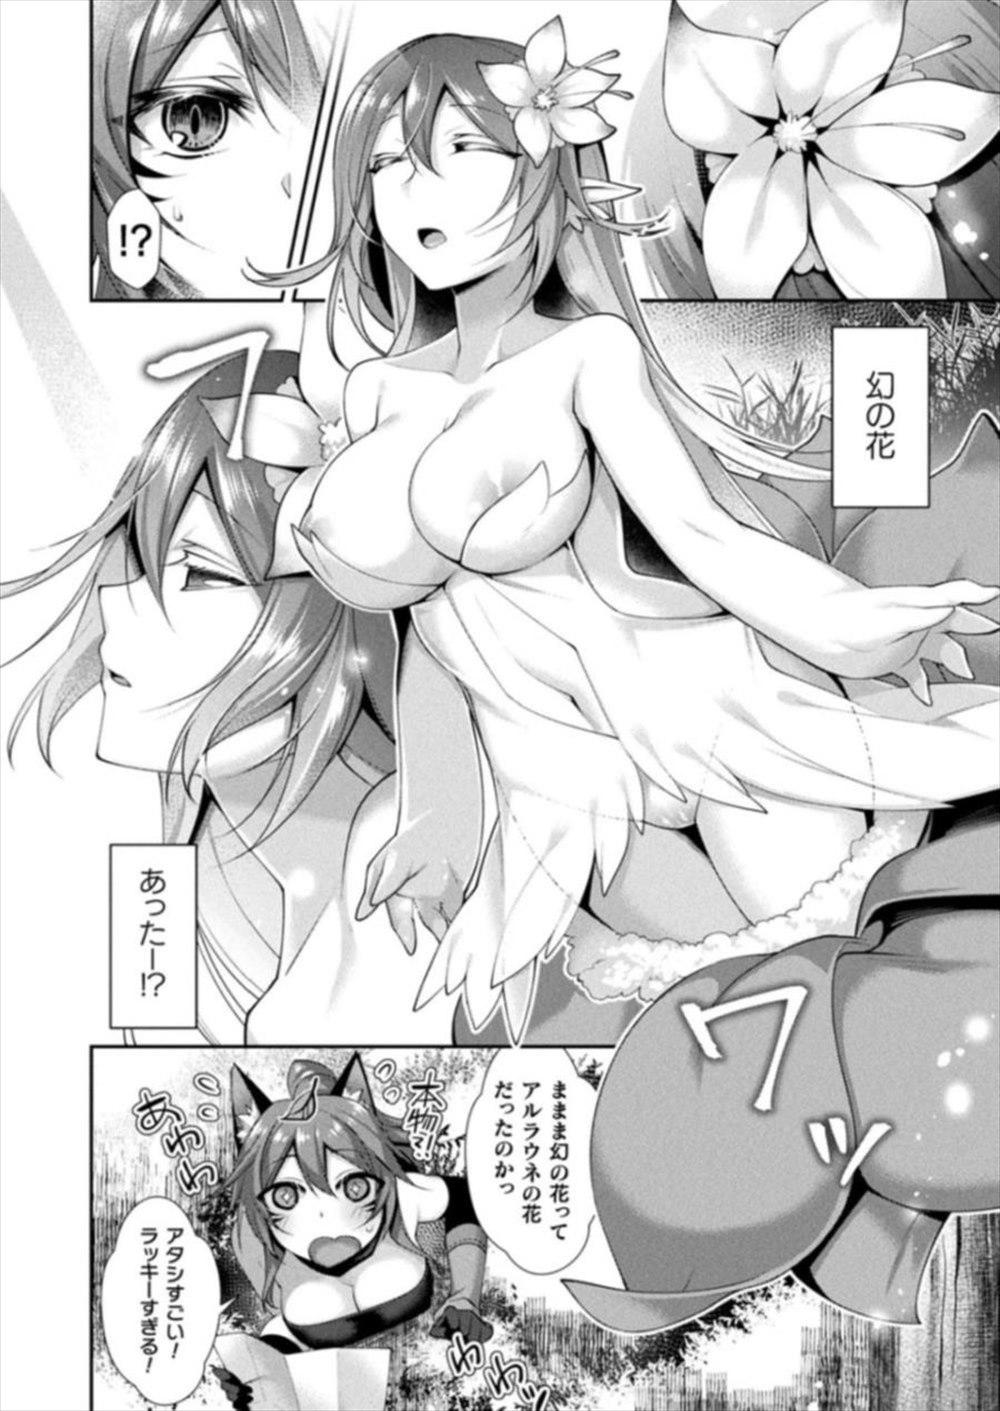 【エロ漫画】幻の花モンスター娘をみつけた女…百合レズ異種姦レイプされてイキまくりww【魂神:エルマと幻の花】